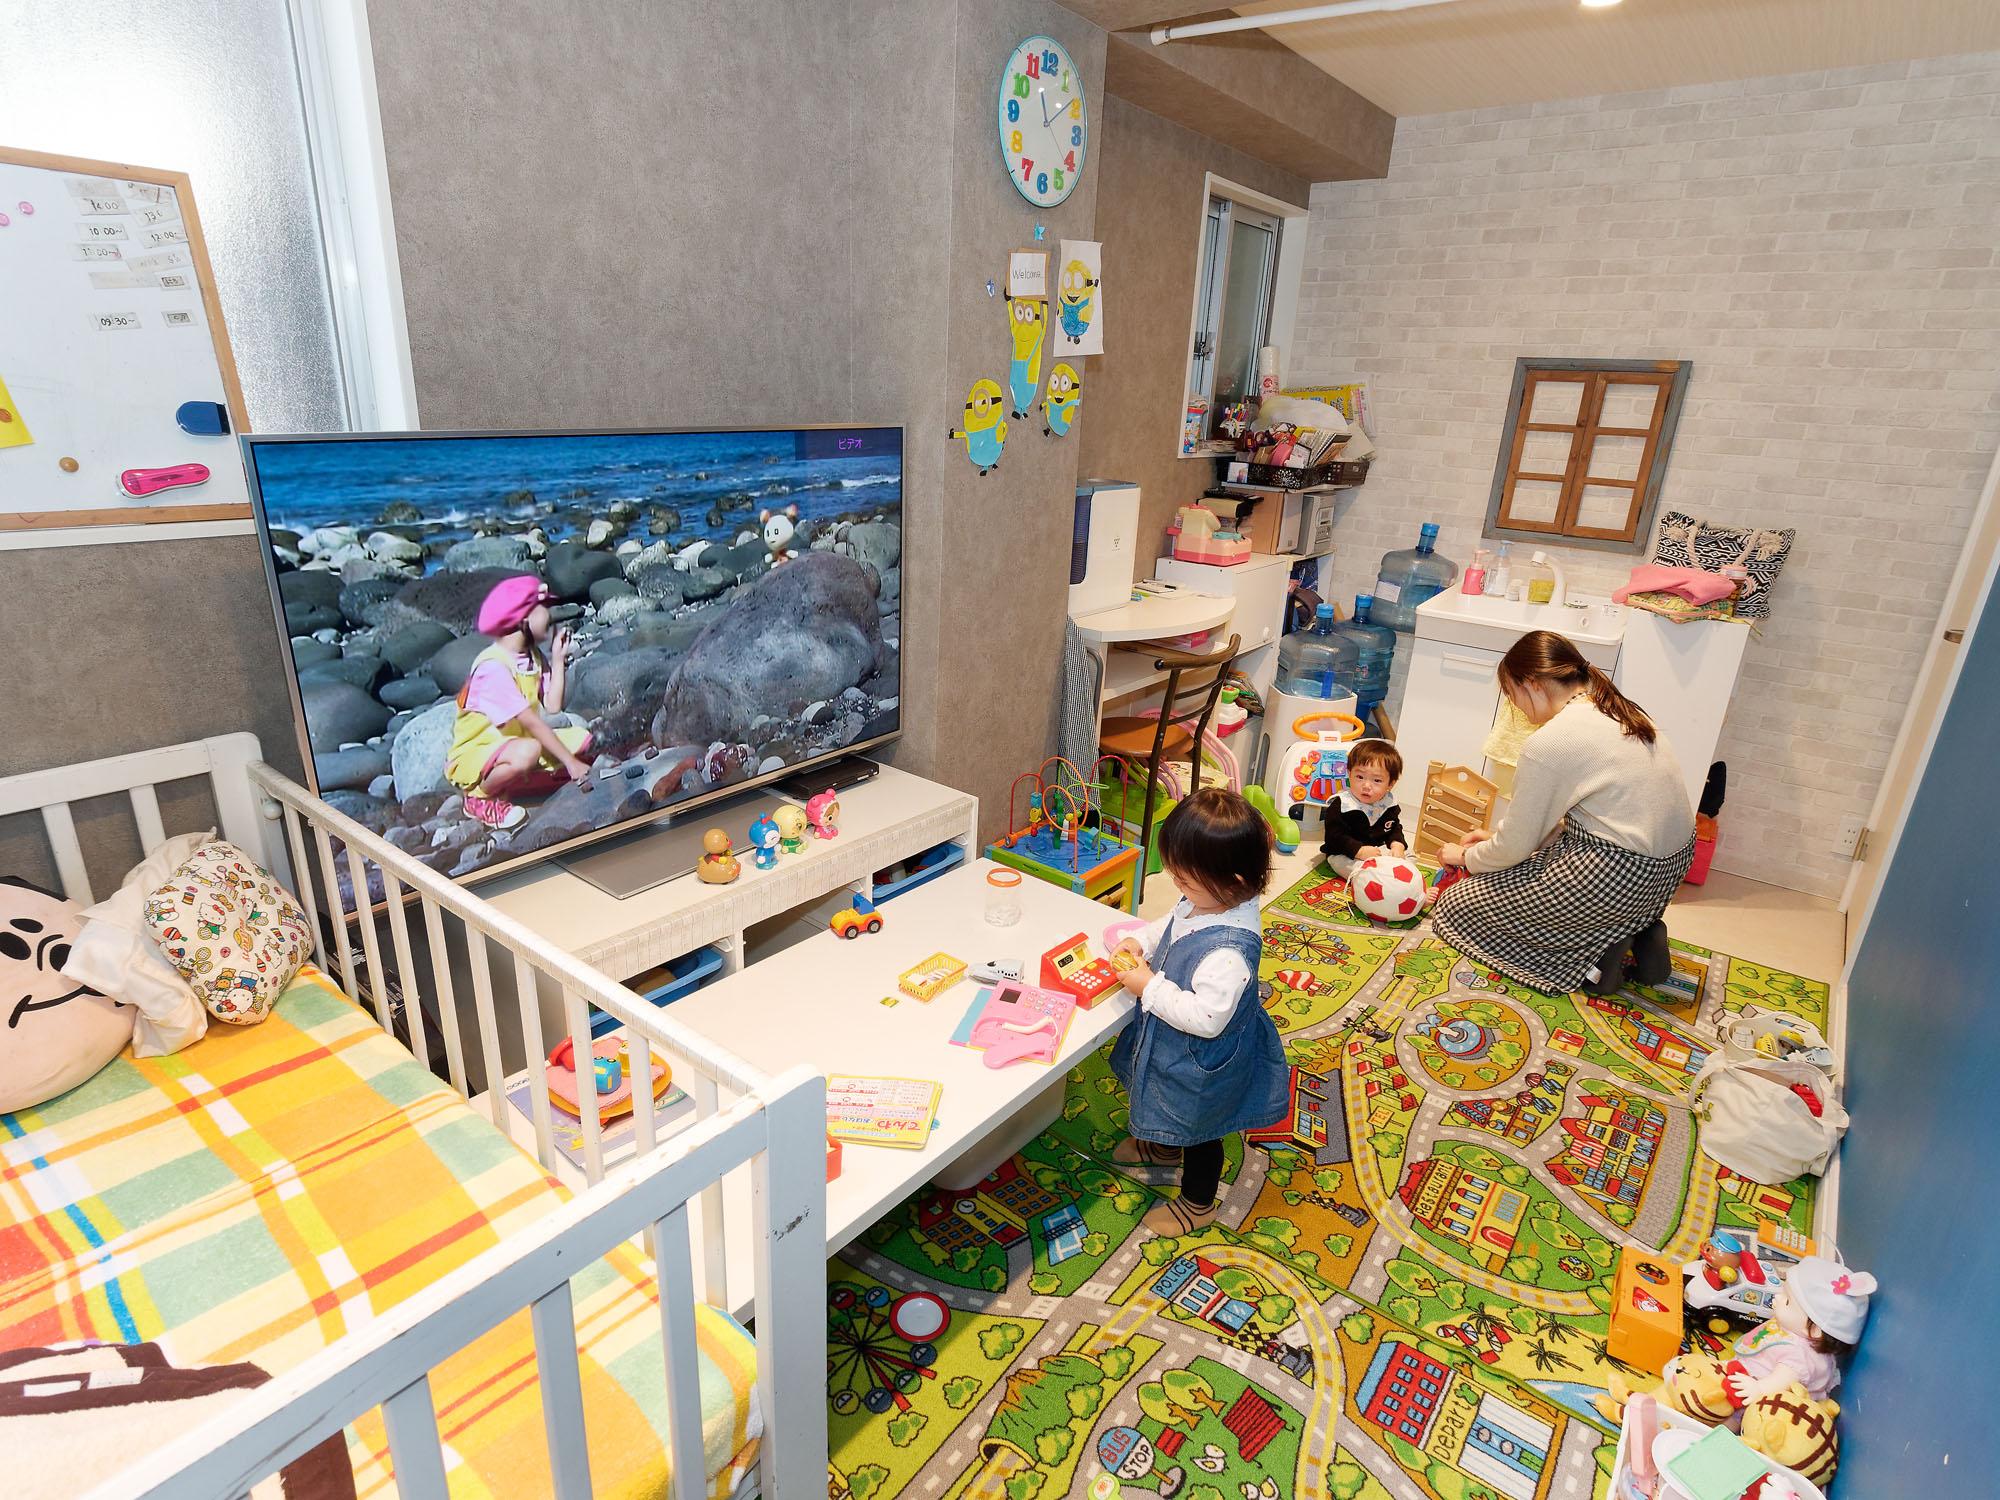 おもちゃがいっぱいのキッズスペース。右側の壁は子どもたちが自由に絵を描ける黒板になっている